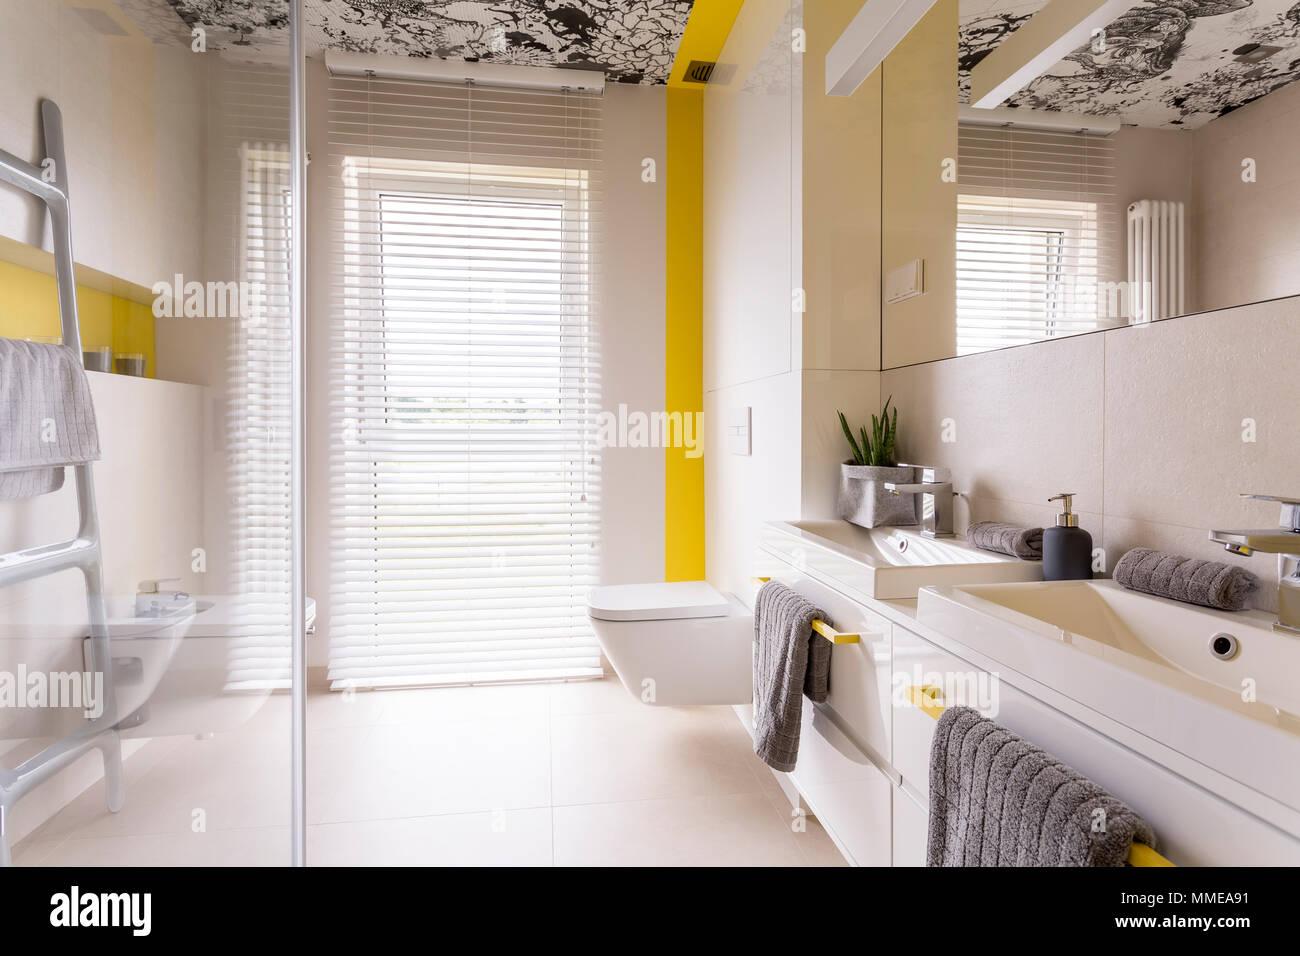 Welche Farbe Badezimmer Decke | Willkommen Bei Plameco Decken